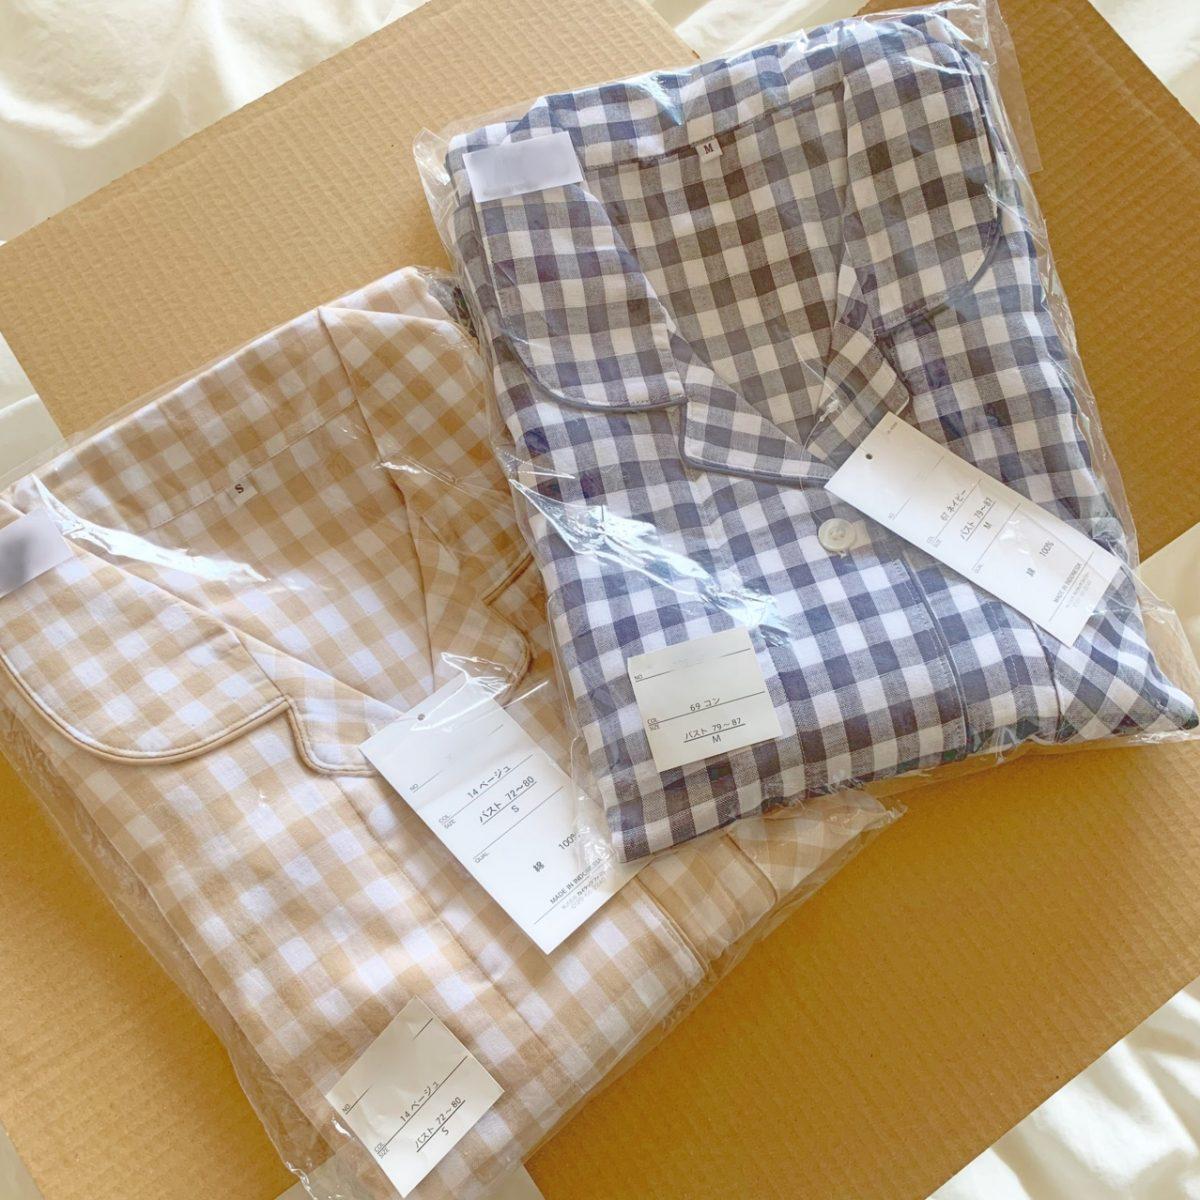 ギンガムチェックパジャマ(ベージュ・ネイビー)